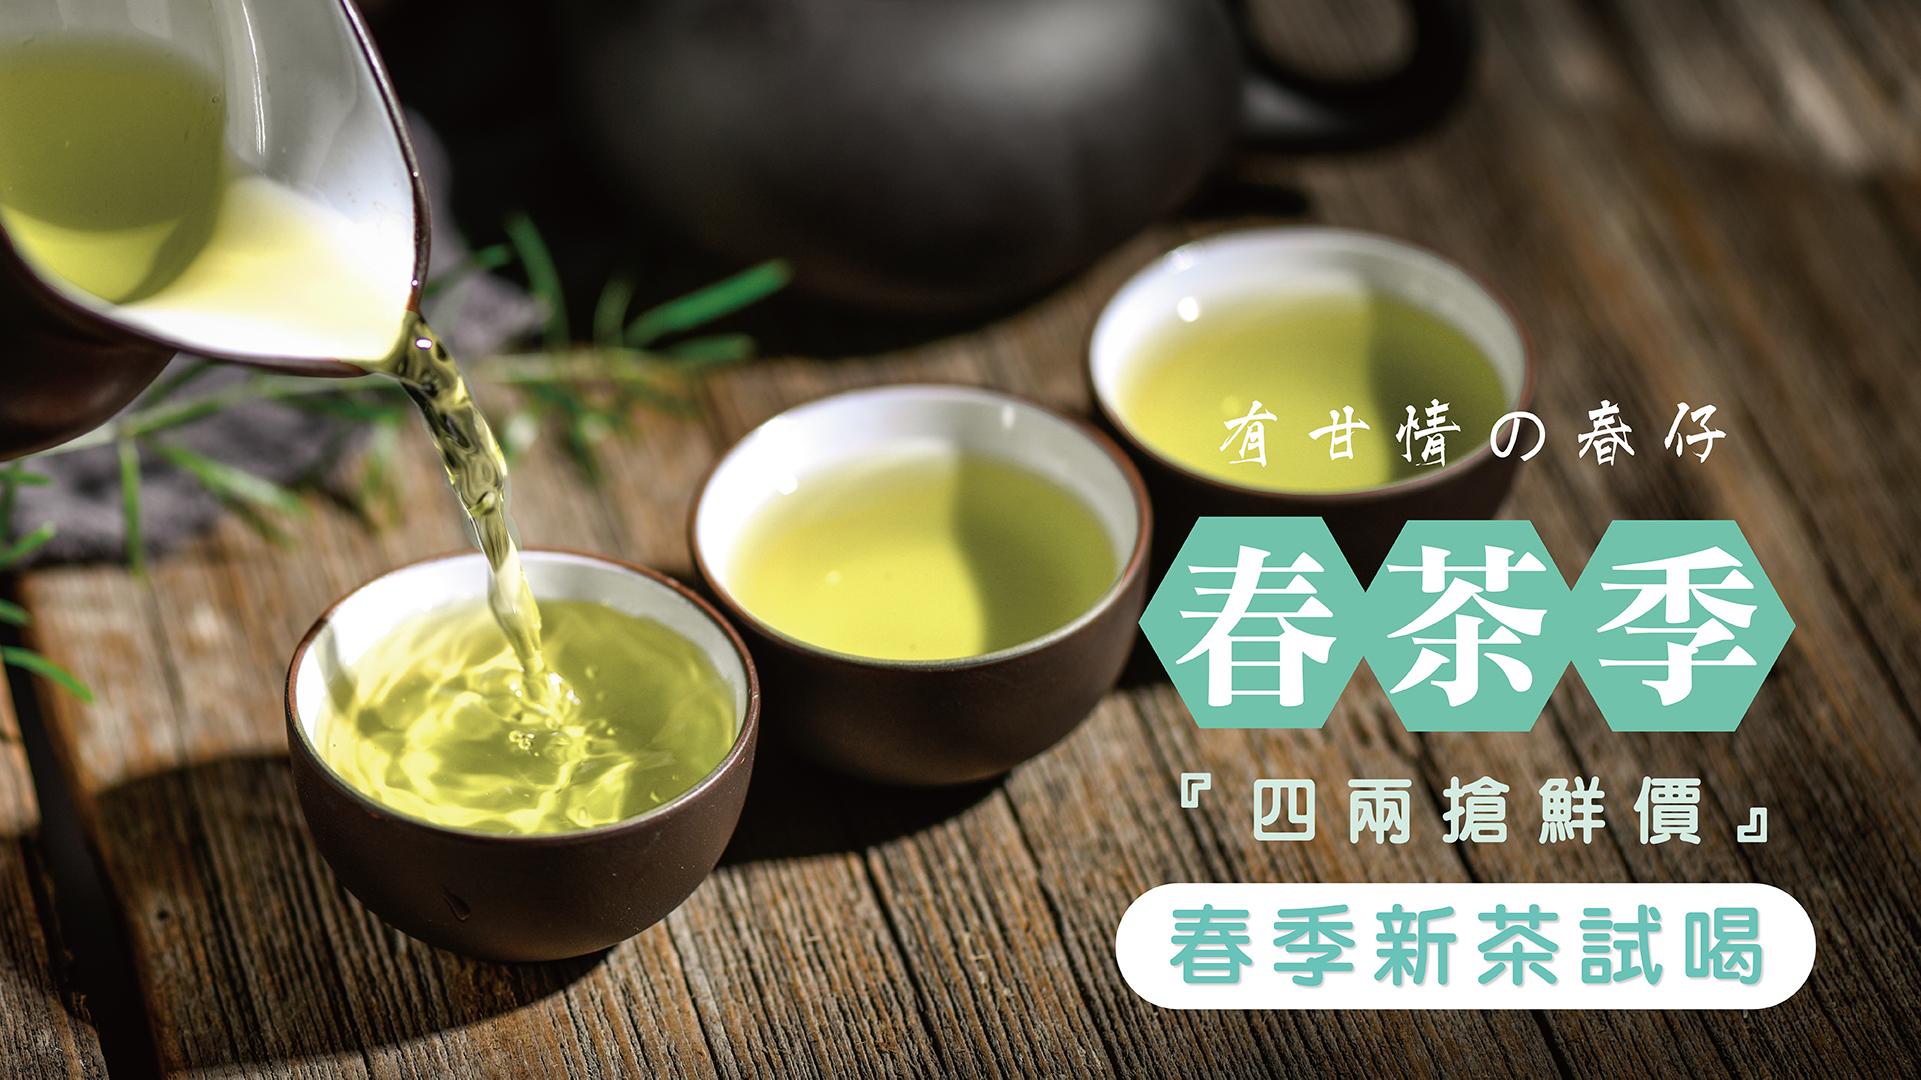 台灣春季高山茶新上市 小包裝優惠試喝包